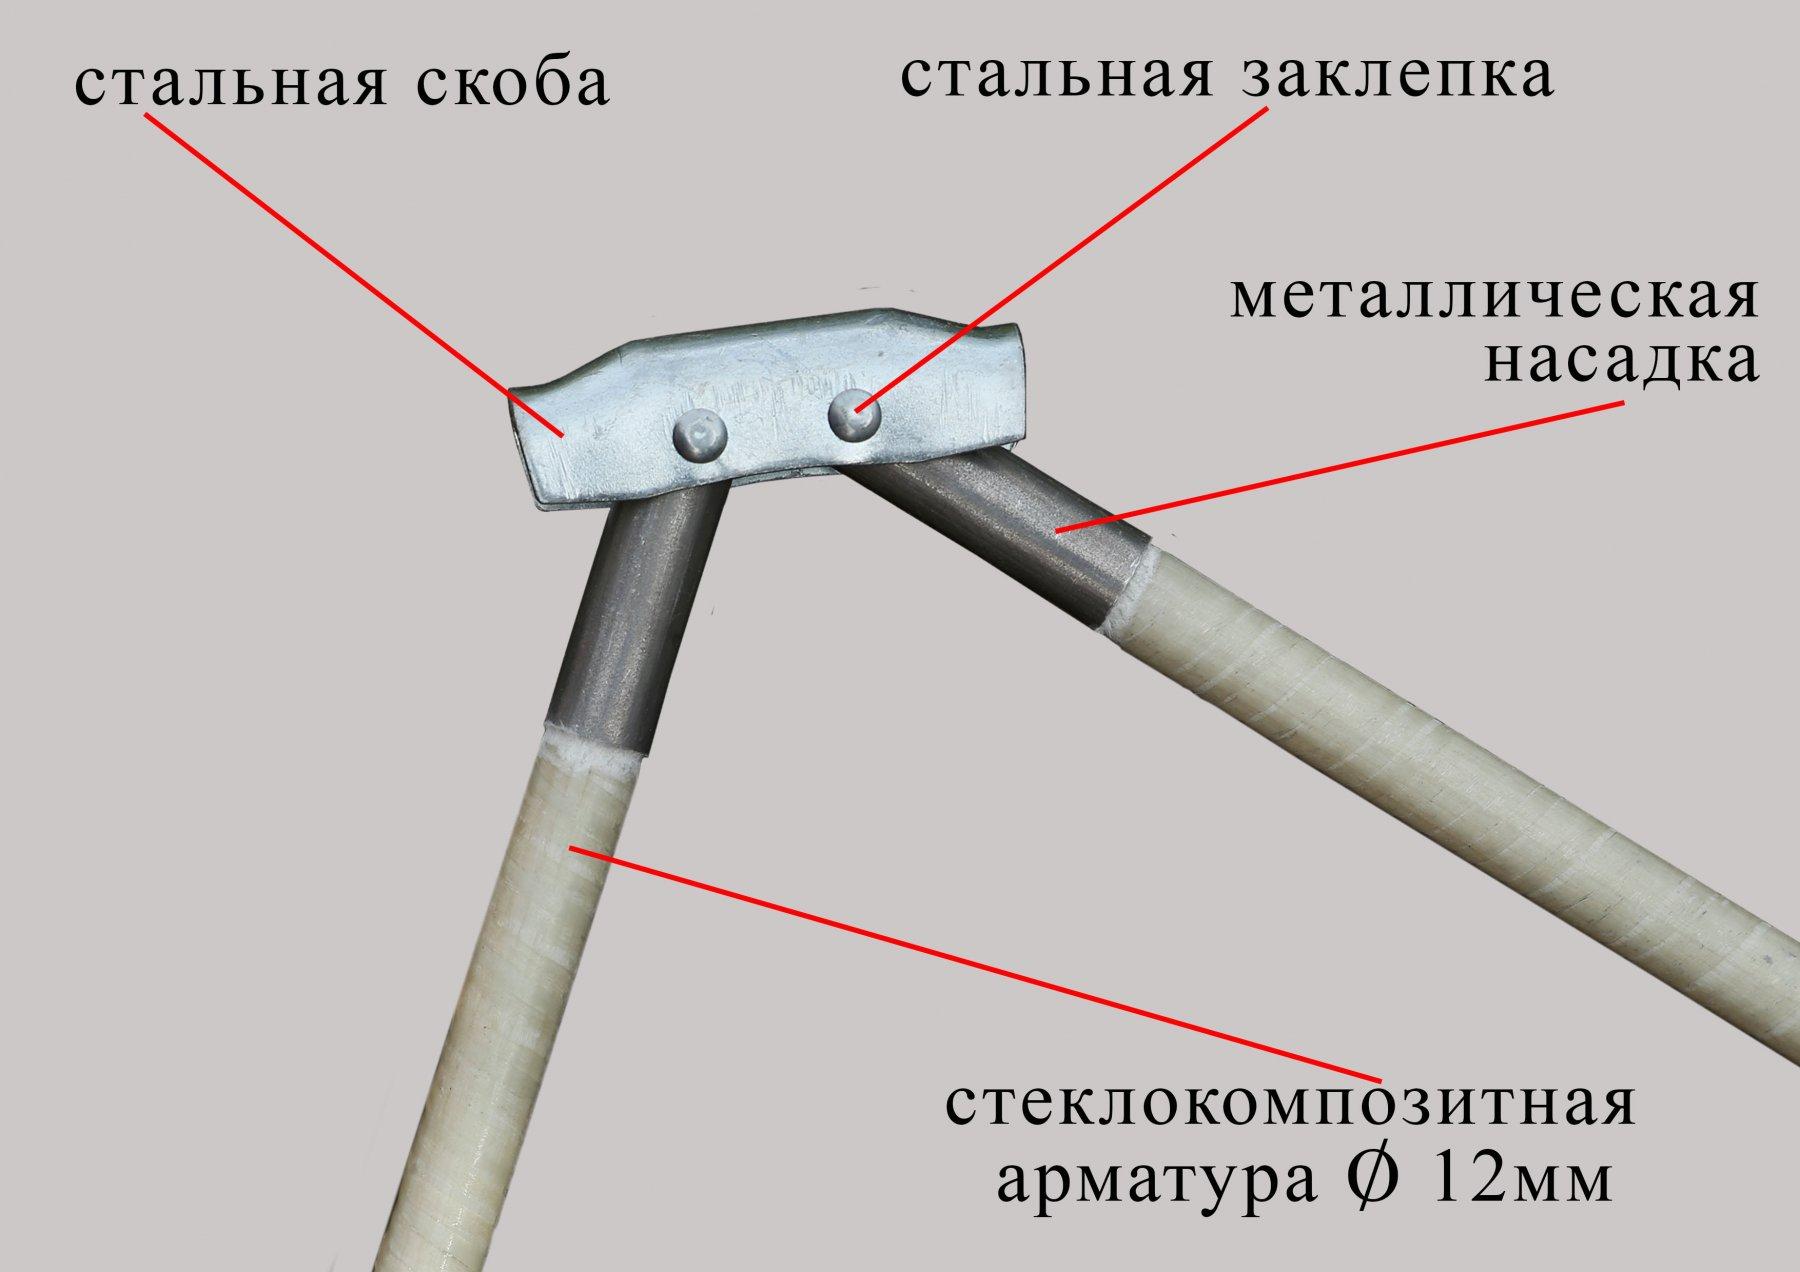 Скоба на стеклокомпозитном каркасе Лотос 3С (С12)